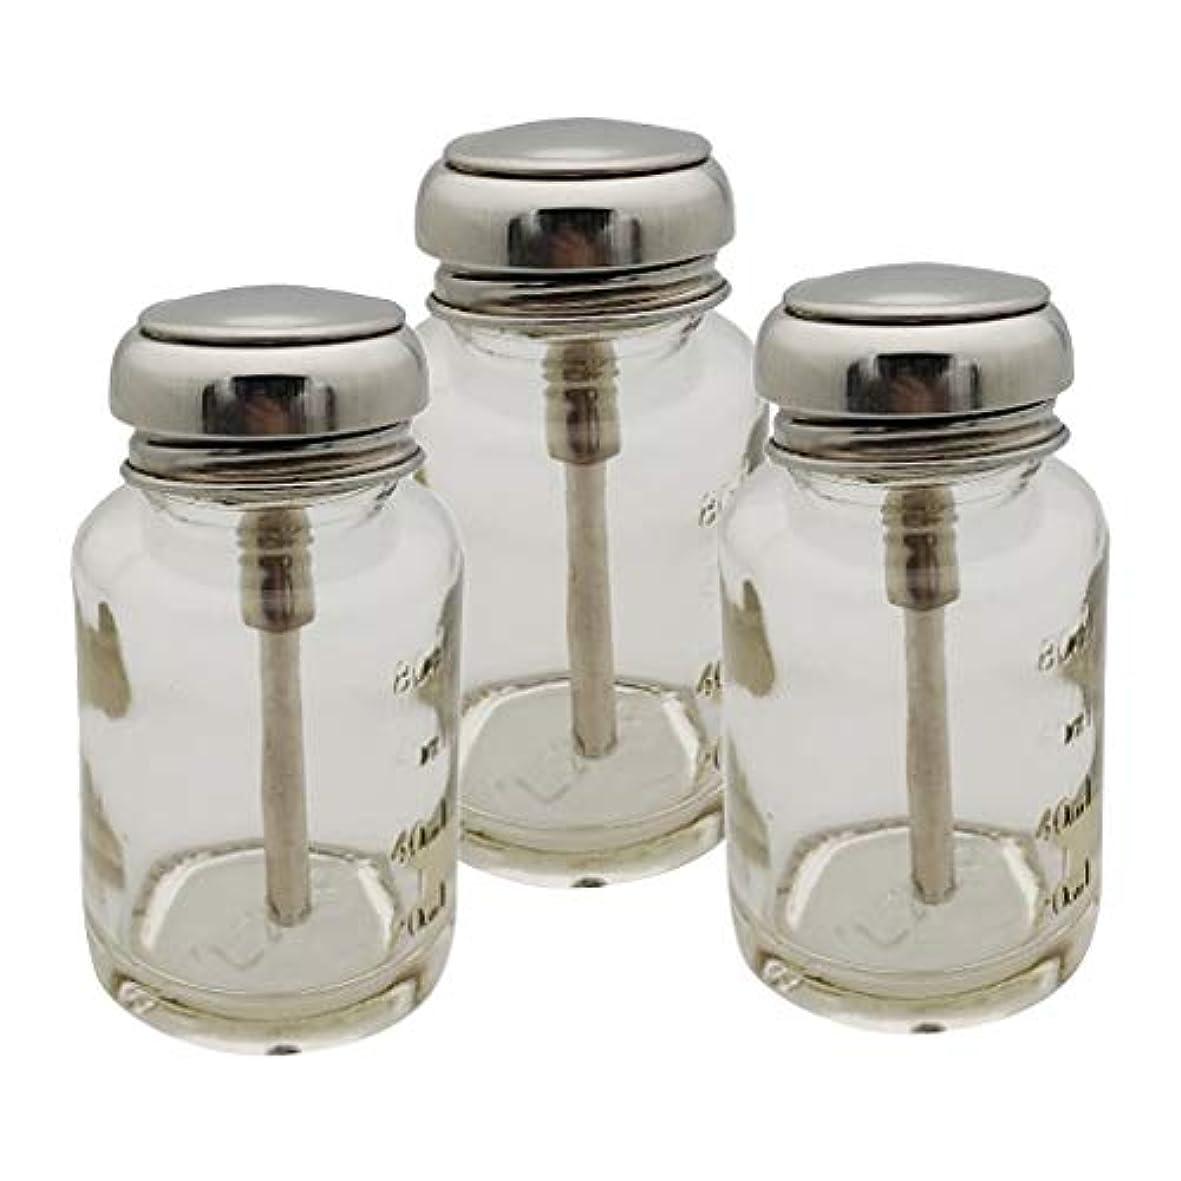 一握りゴミオープニングPerfeclan ガラス ポンプディスペンサー ネイル ポンプボトル 容器 マニキュア液 メイク落とし 適用 3個入り